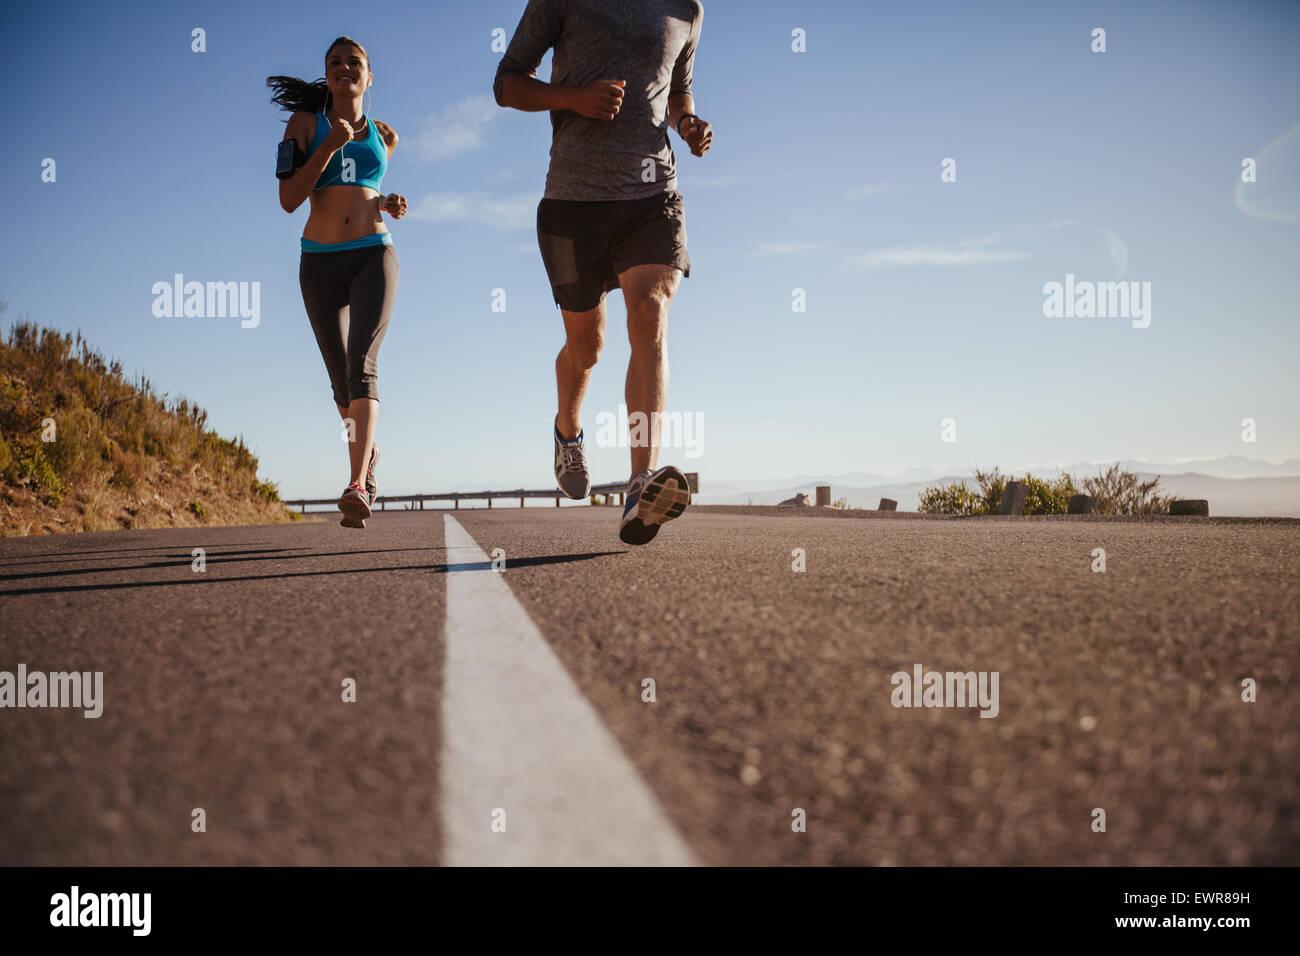 Niedrigen Winkel Schuss der jungen Frau rennt unterwegs mit Mann vorne an einem Sommermorgen. Läufer, die Ausbildung Stockbild